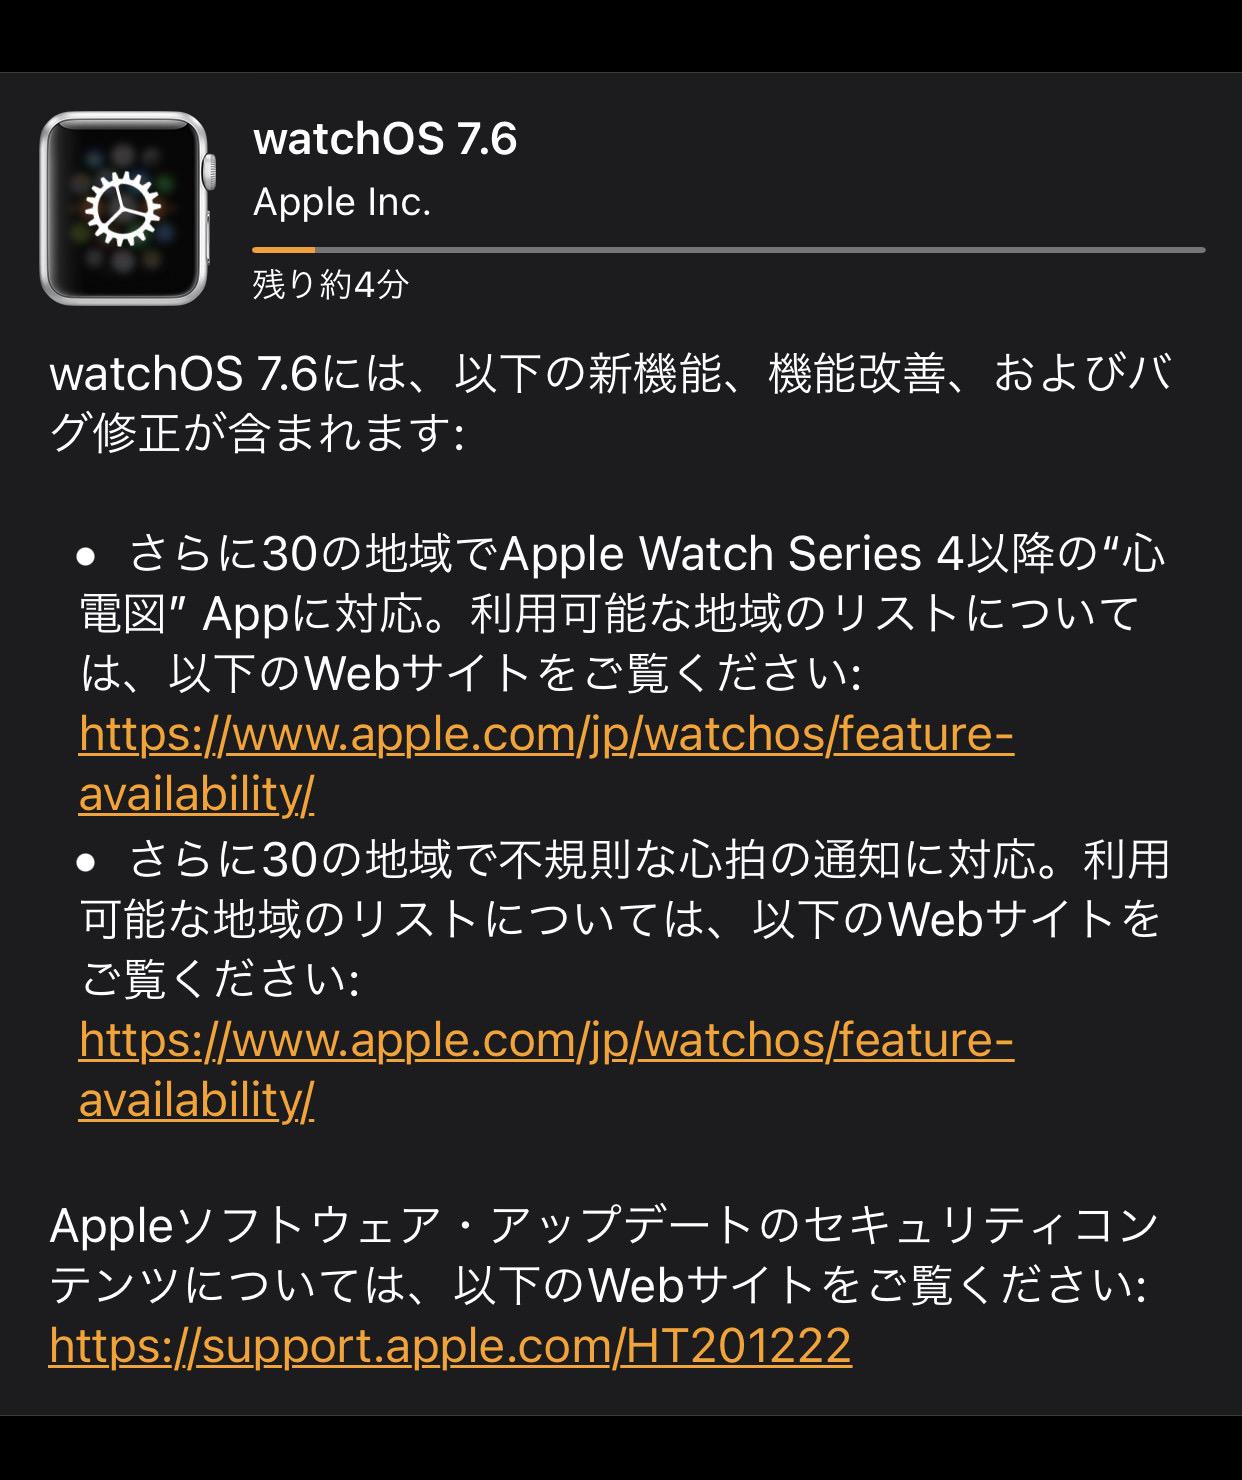 Watchos 76 04 04